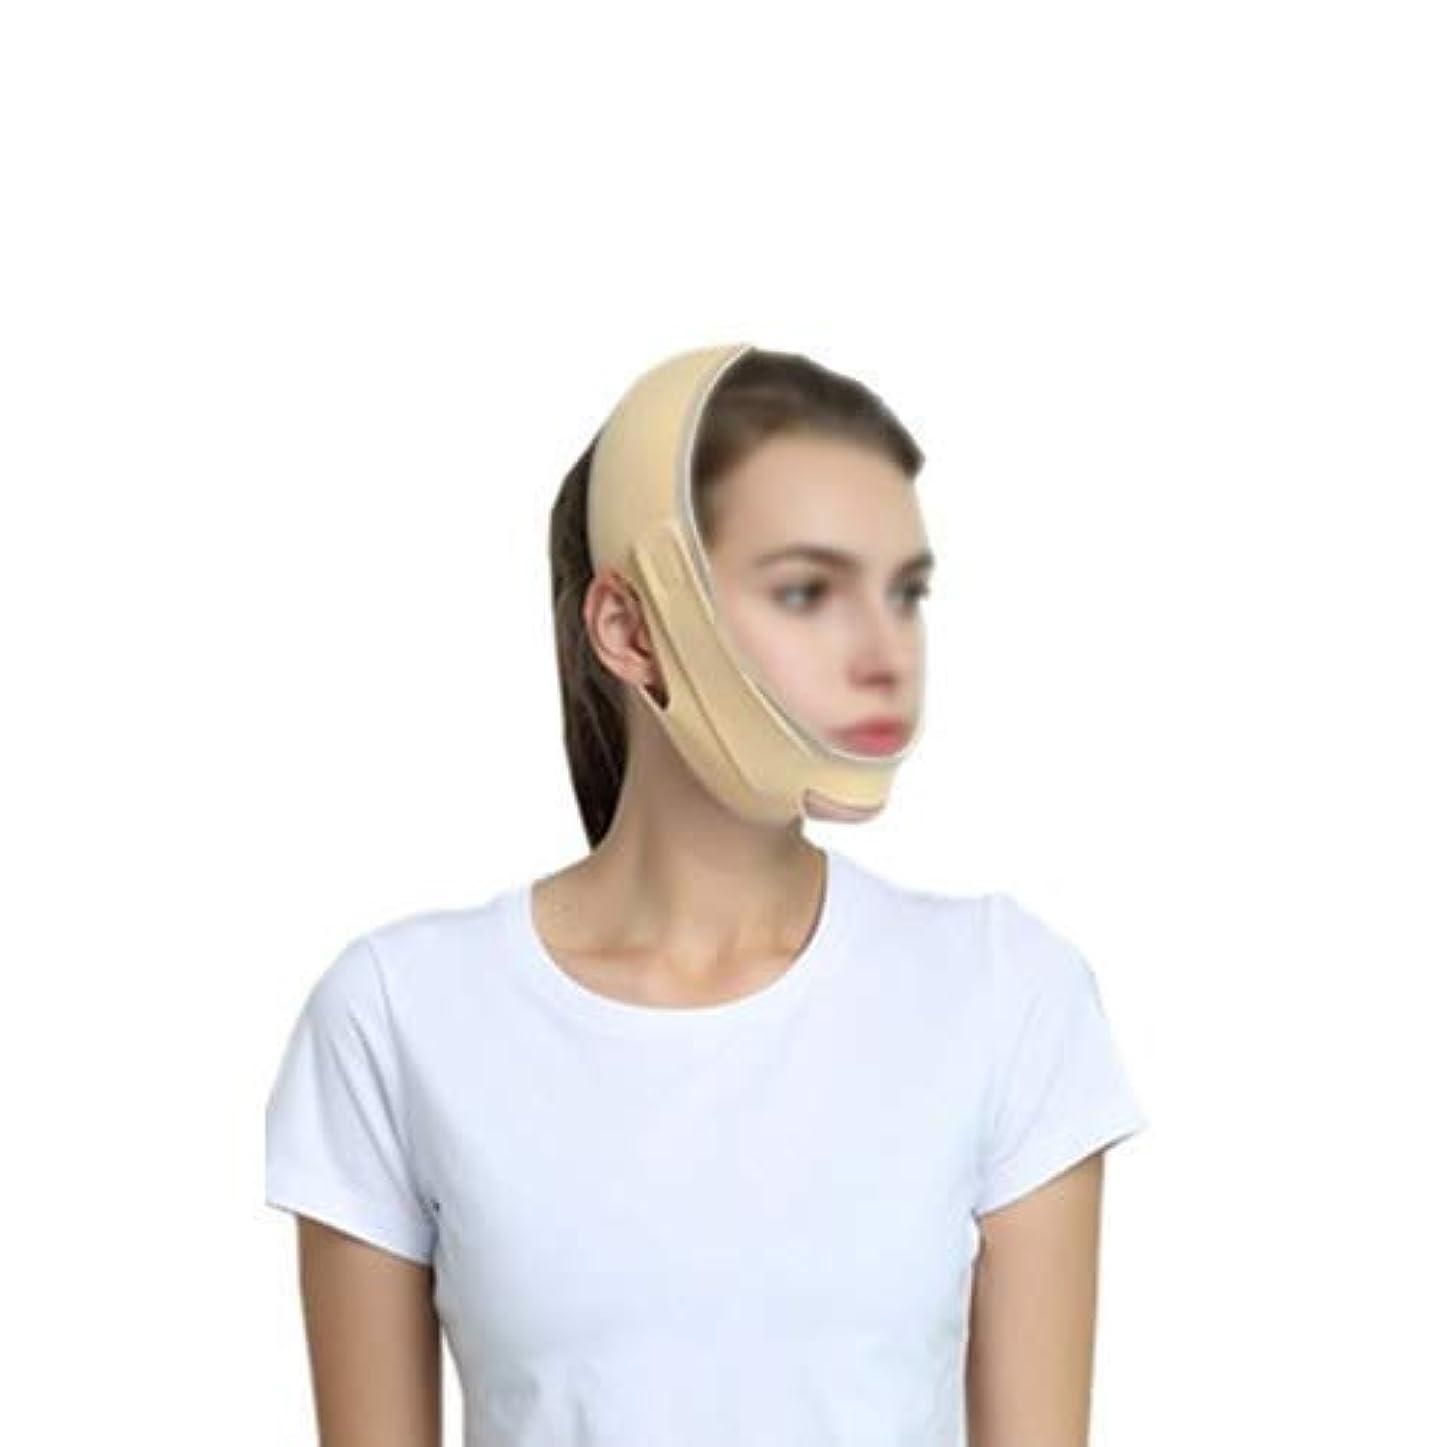 かごマスタード構築するフェイスリフトマスクフェイスアンドネックリフトポストエラスティックスリーブ下顎骨セットフェイスアーティファクトVフェイスフェイシャルフェイスバンドルダブルチンマスクブラックフェイスアーティファク(色:A)